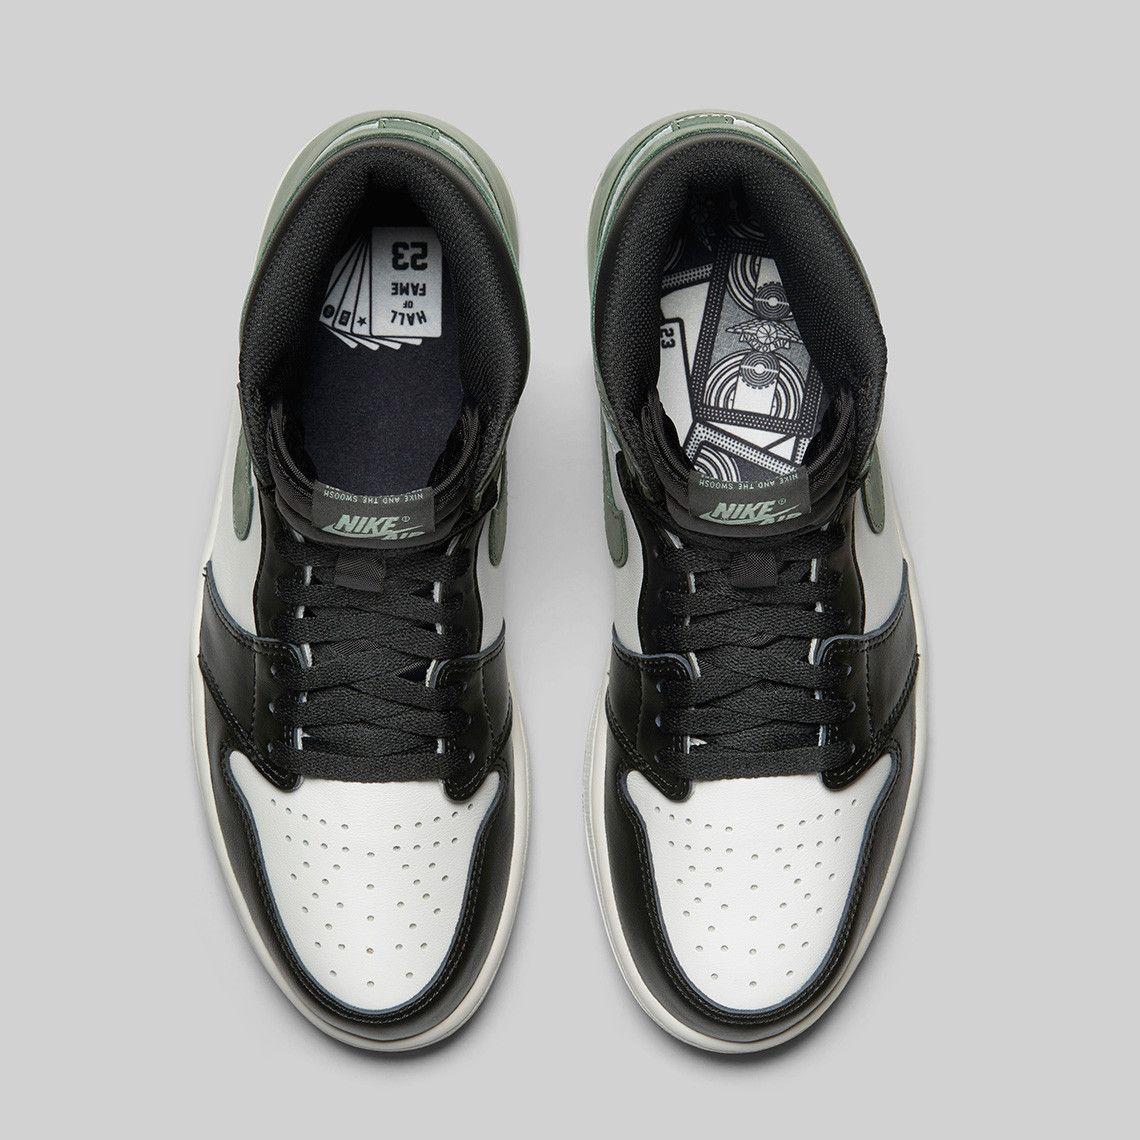 c6b6e30f05ae75 Sneaker News on Twitter